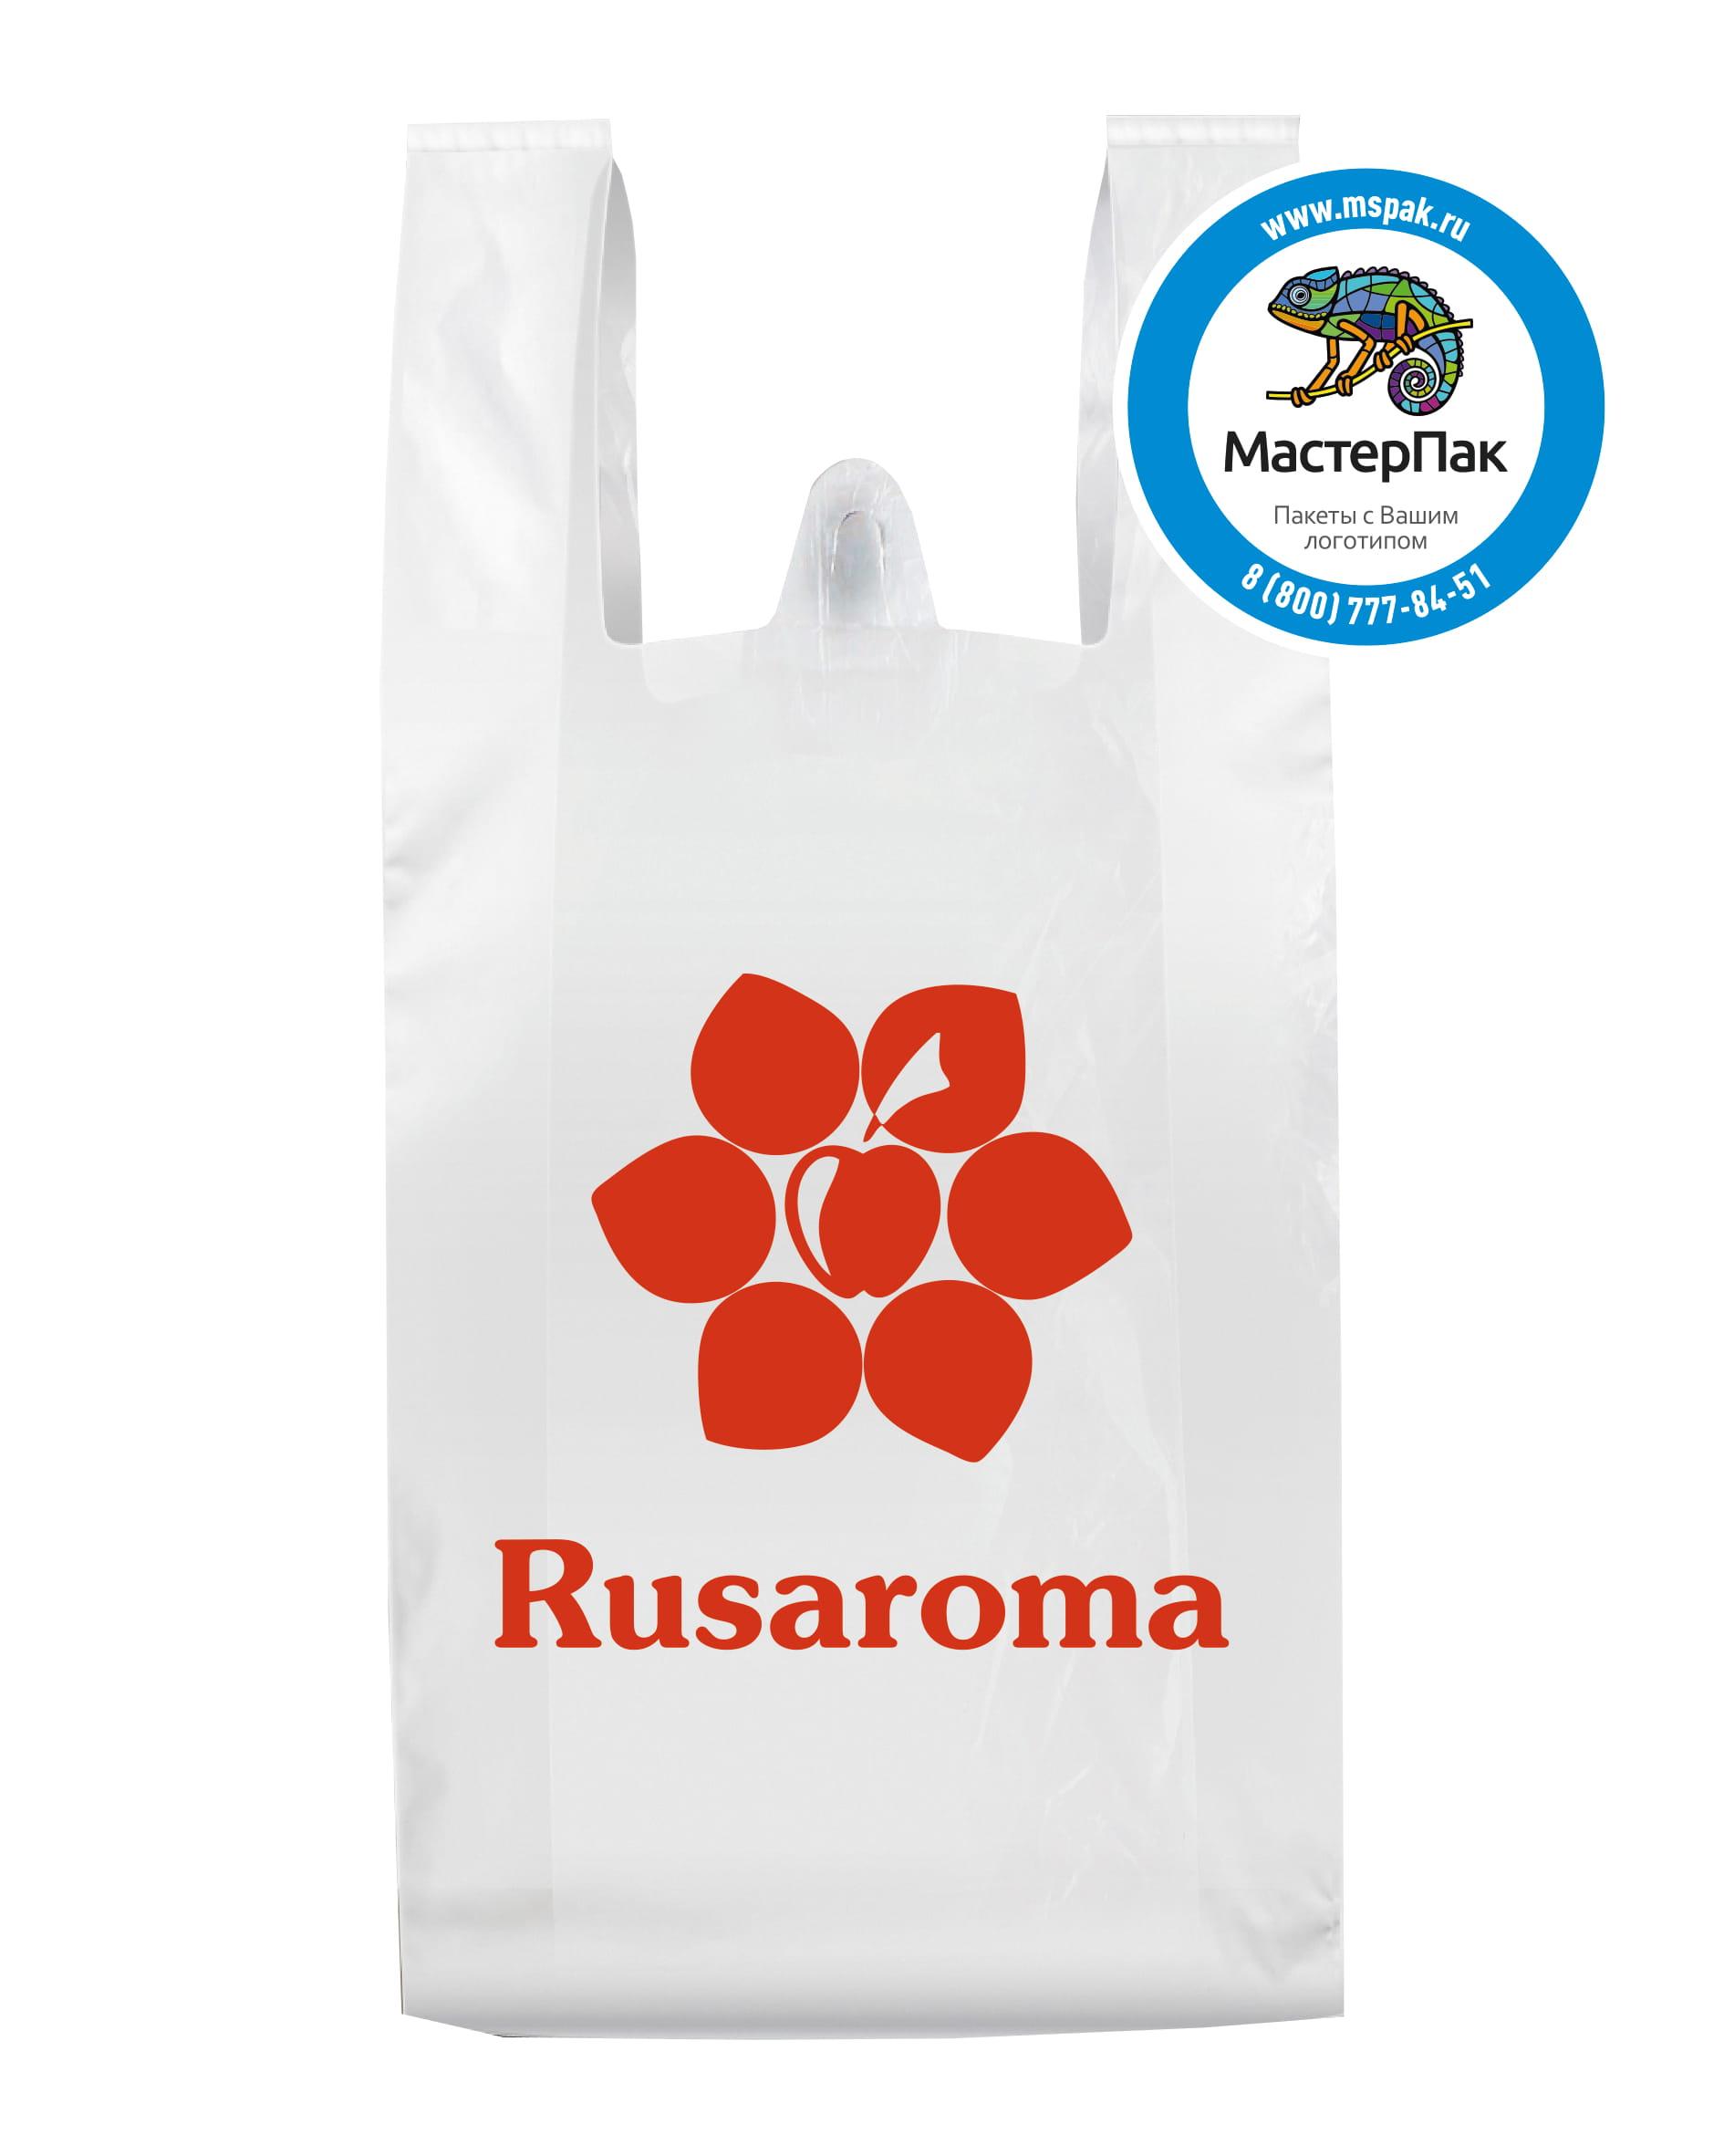 Пакет-майка ПНД, белый, с логотипом Rusaroma , 23 мкм, 30*60